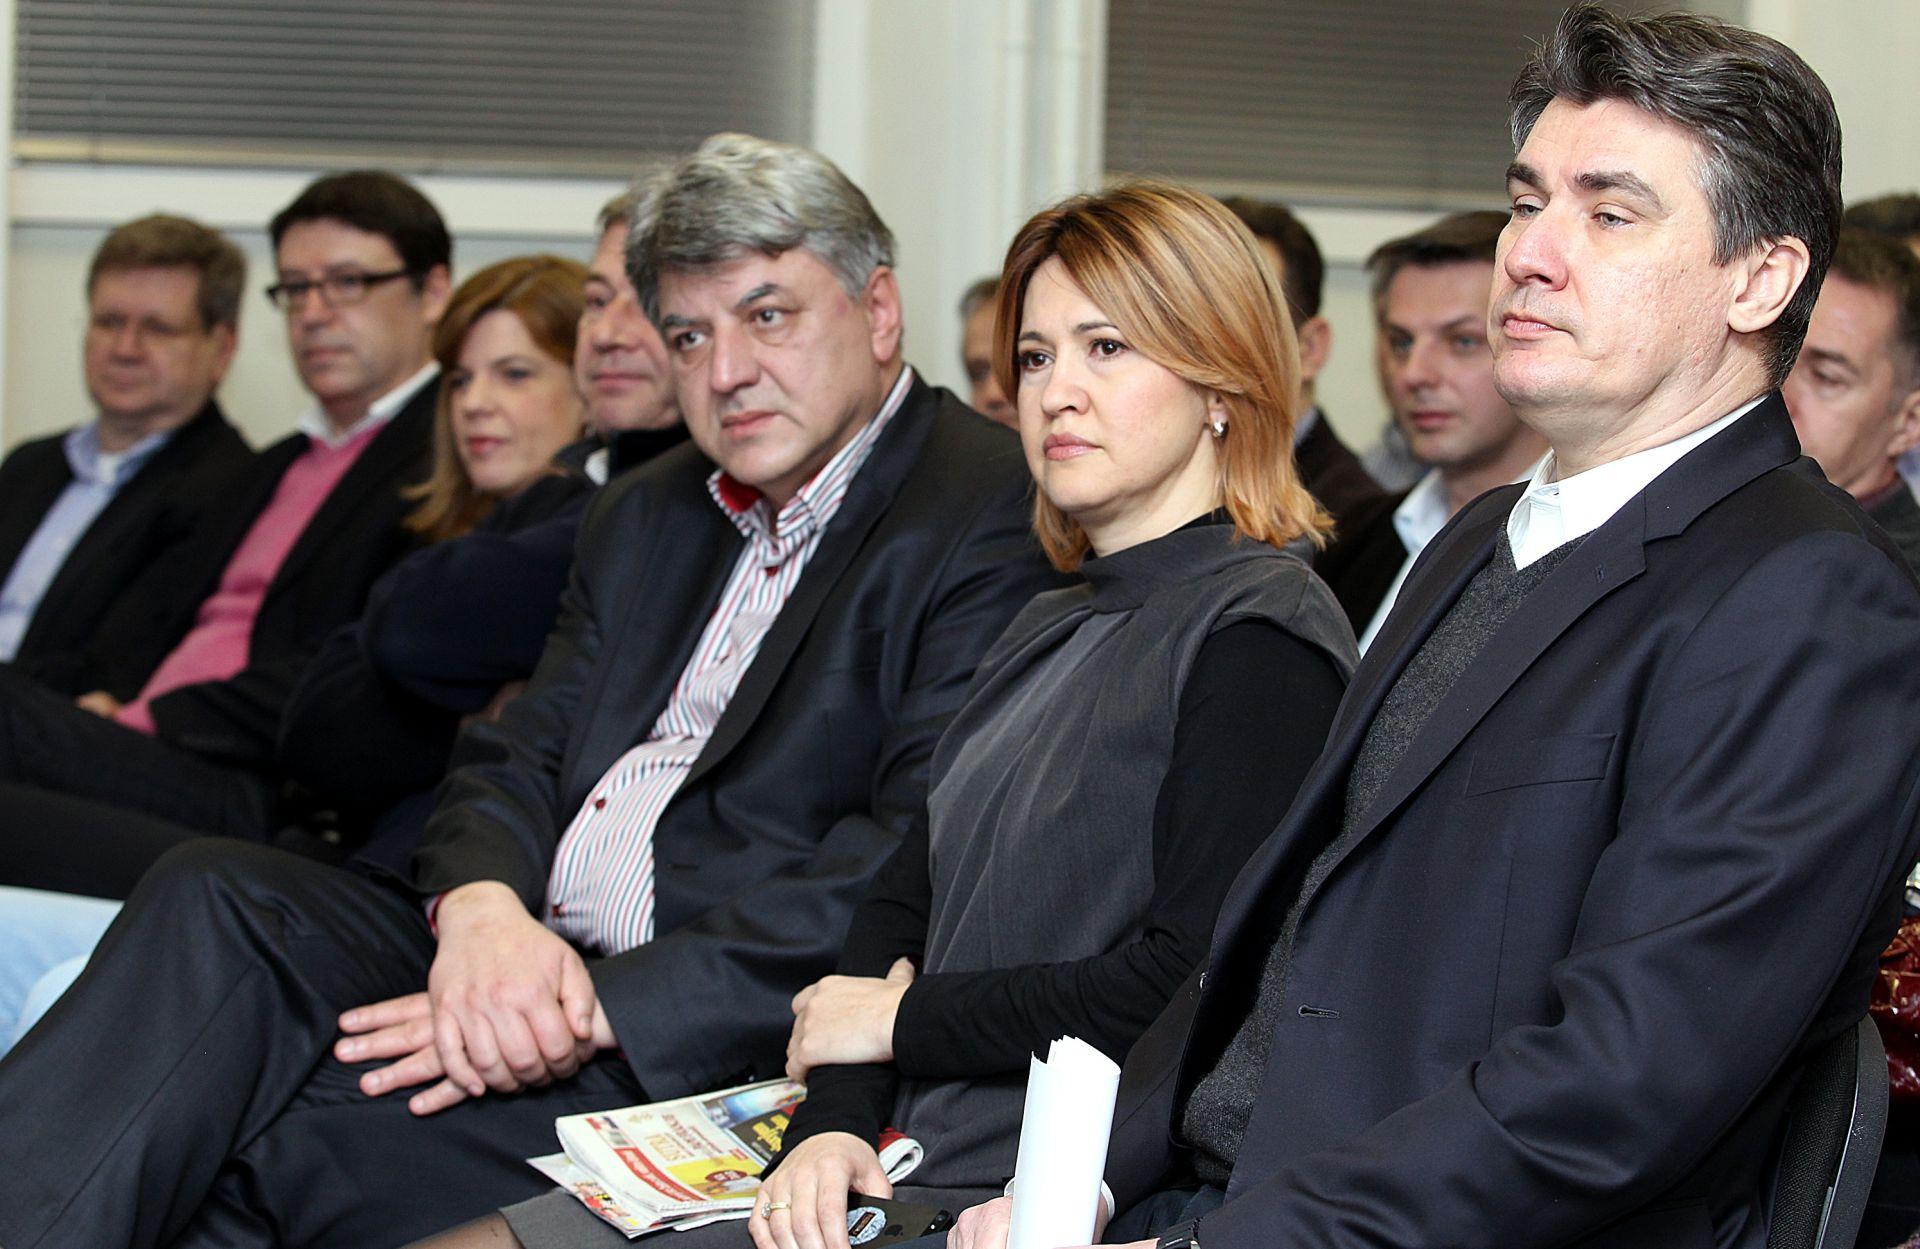 KONVENCIJA SDP-a: Biraju se nova stranačka tijela, Predsjedništvo i Glavni odbor